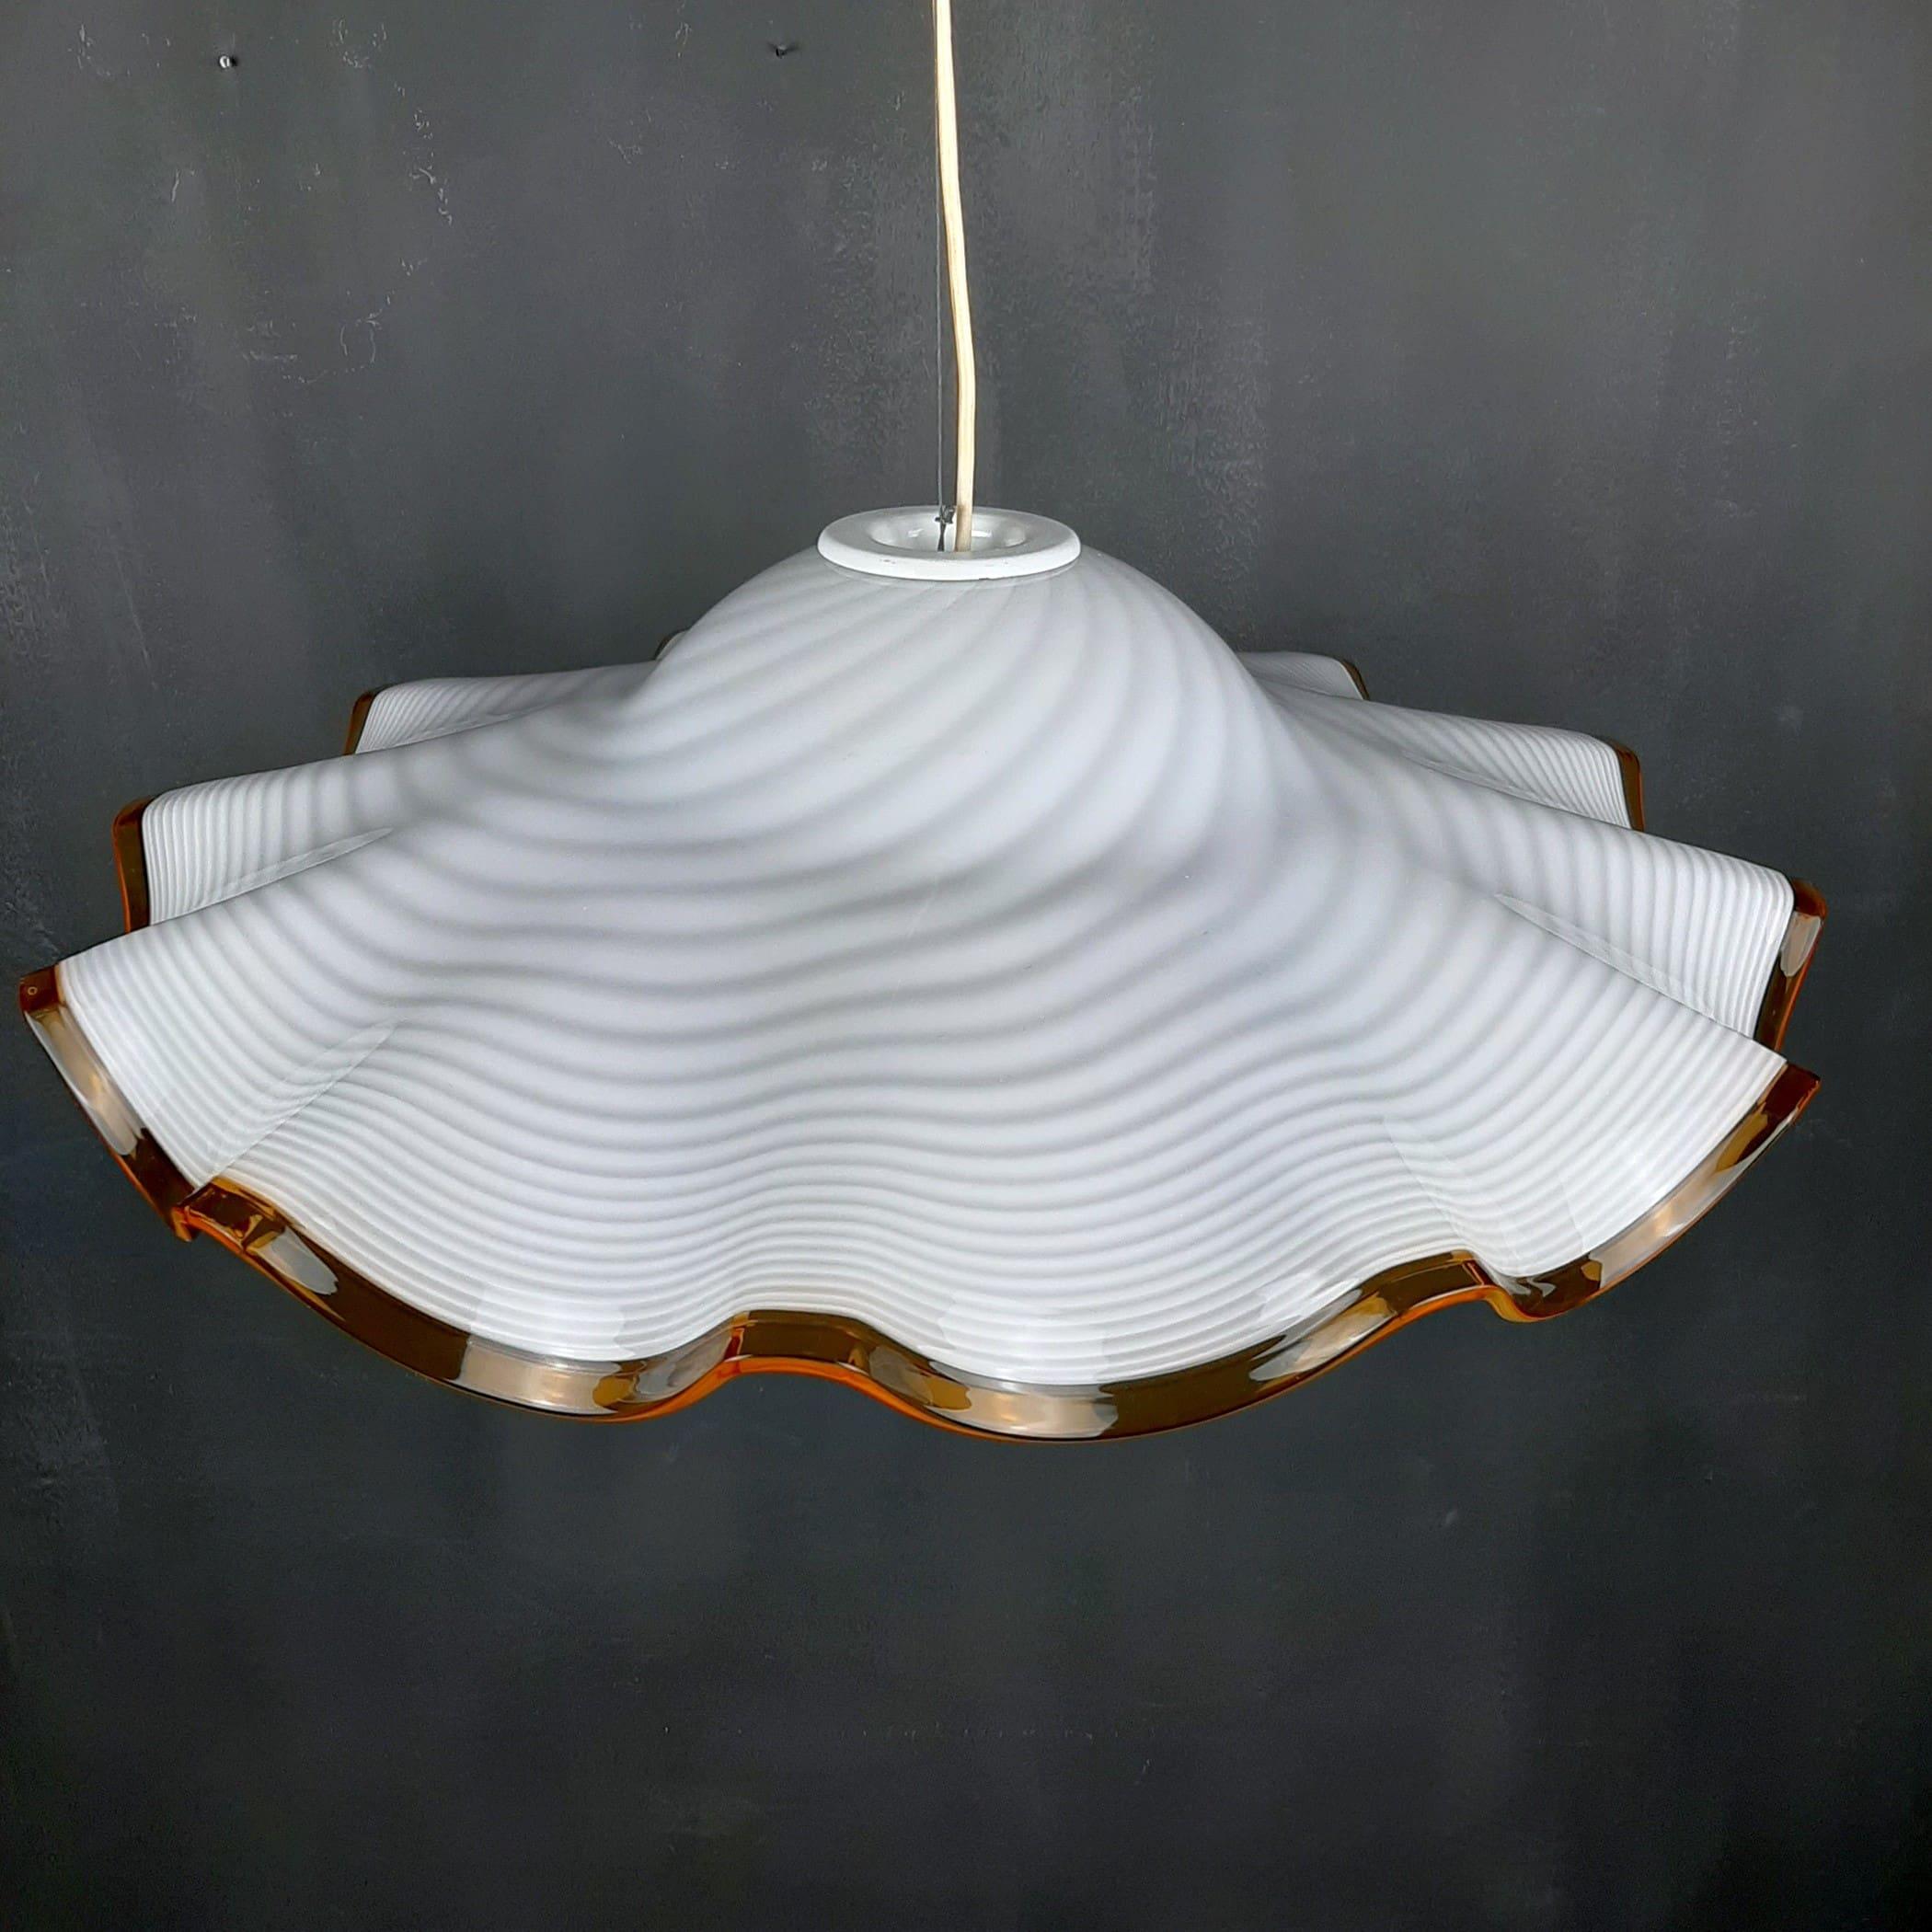 Vintage swirel murano glass pendant lamp 1970s Retro home decor